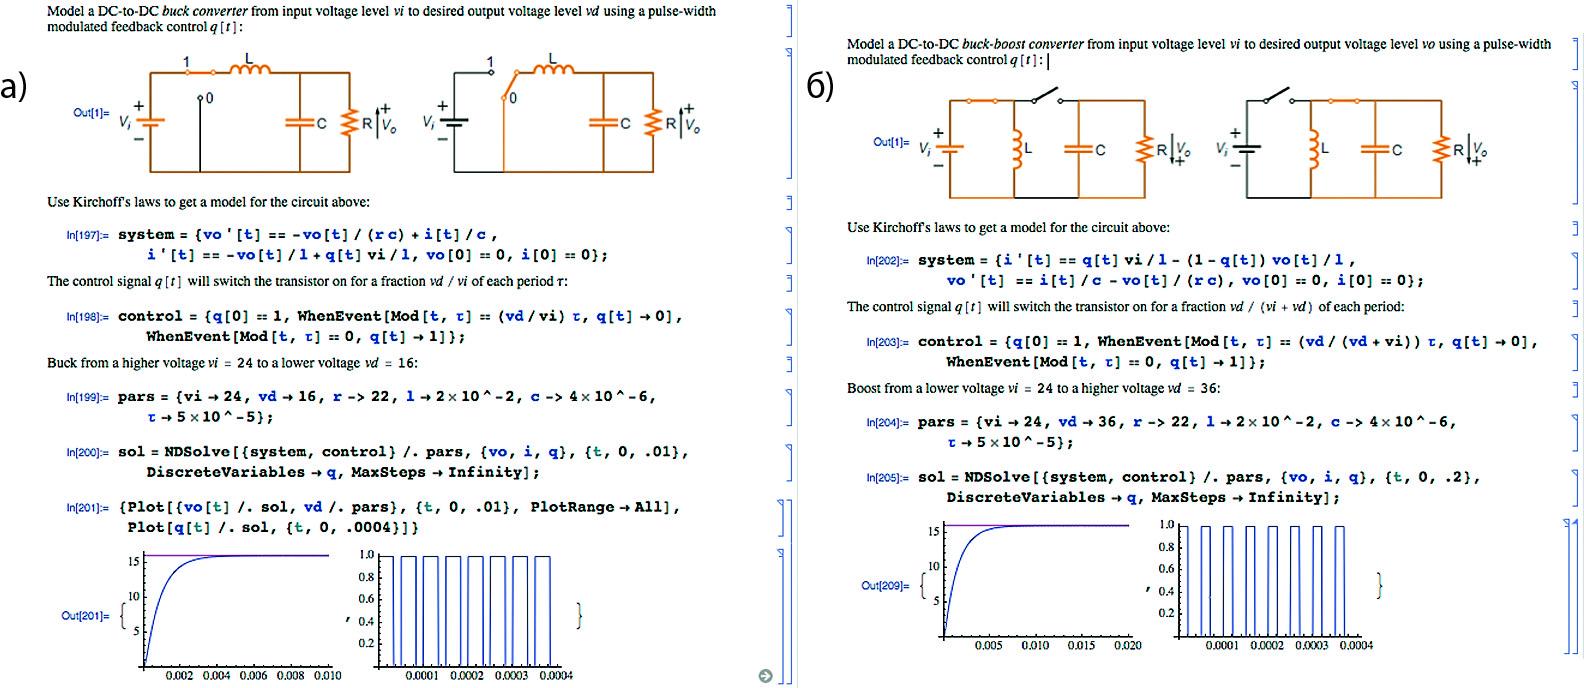 Моделирование обратноходового DC/DC-преобразователя